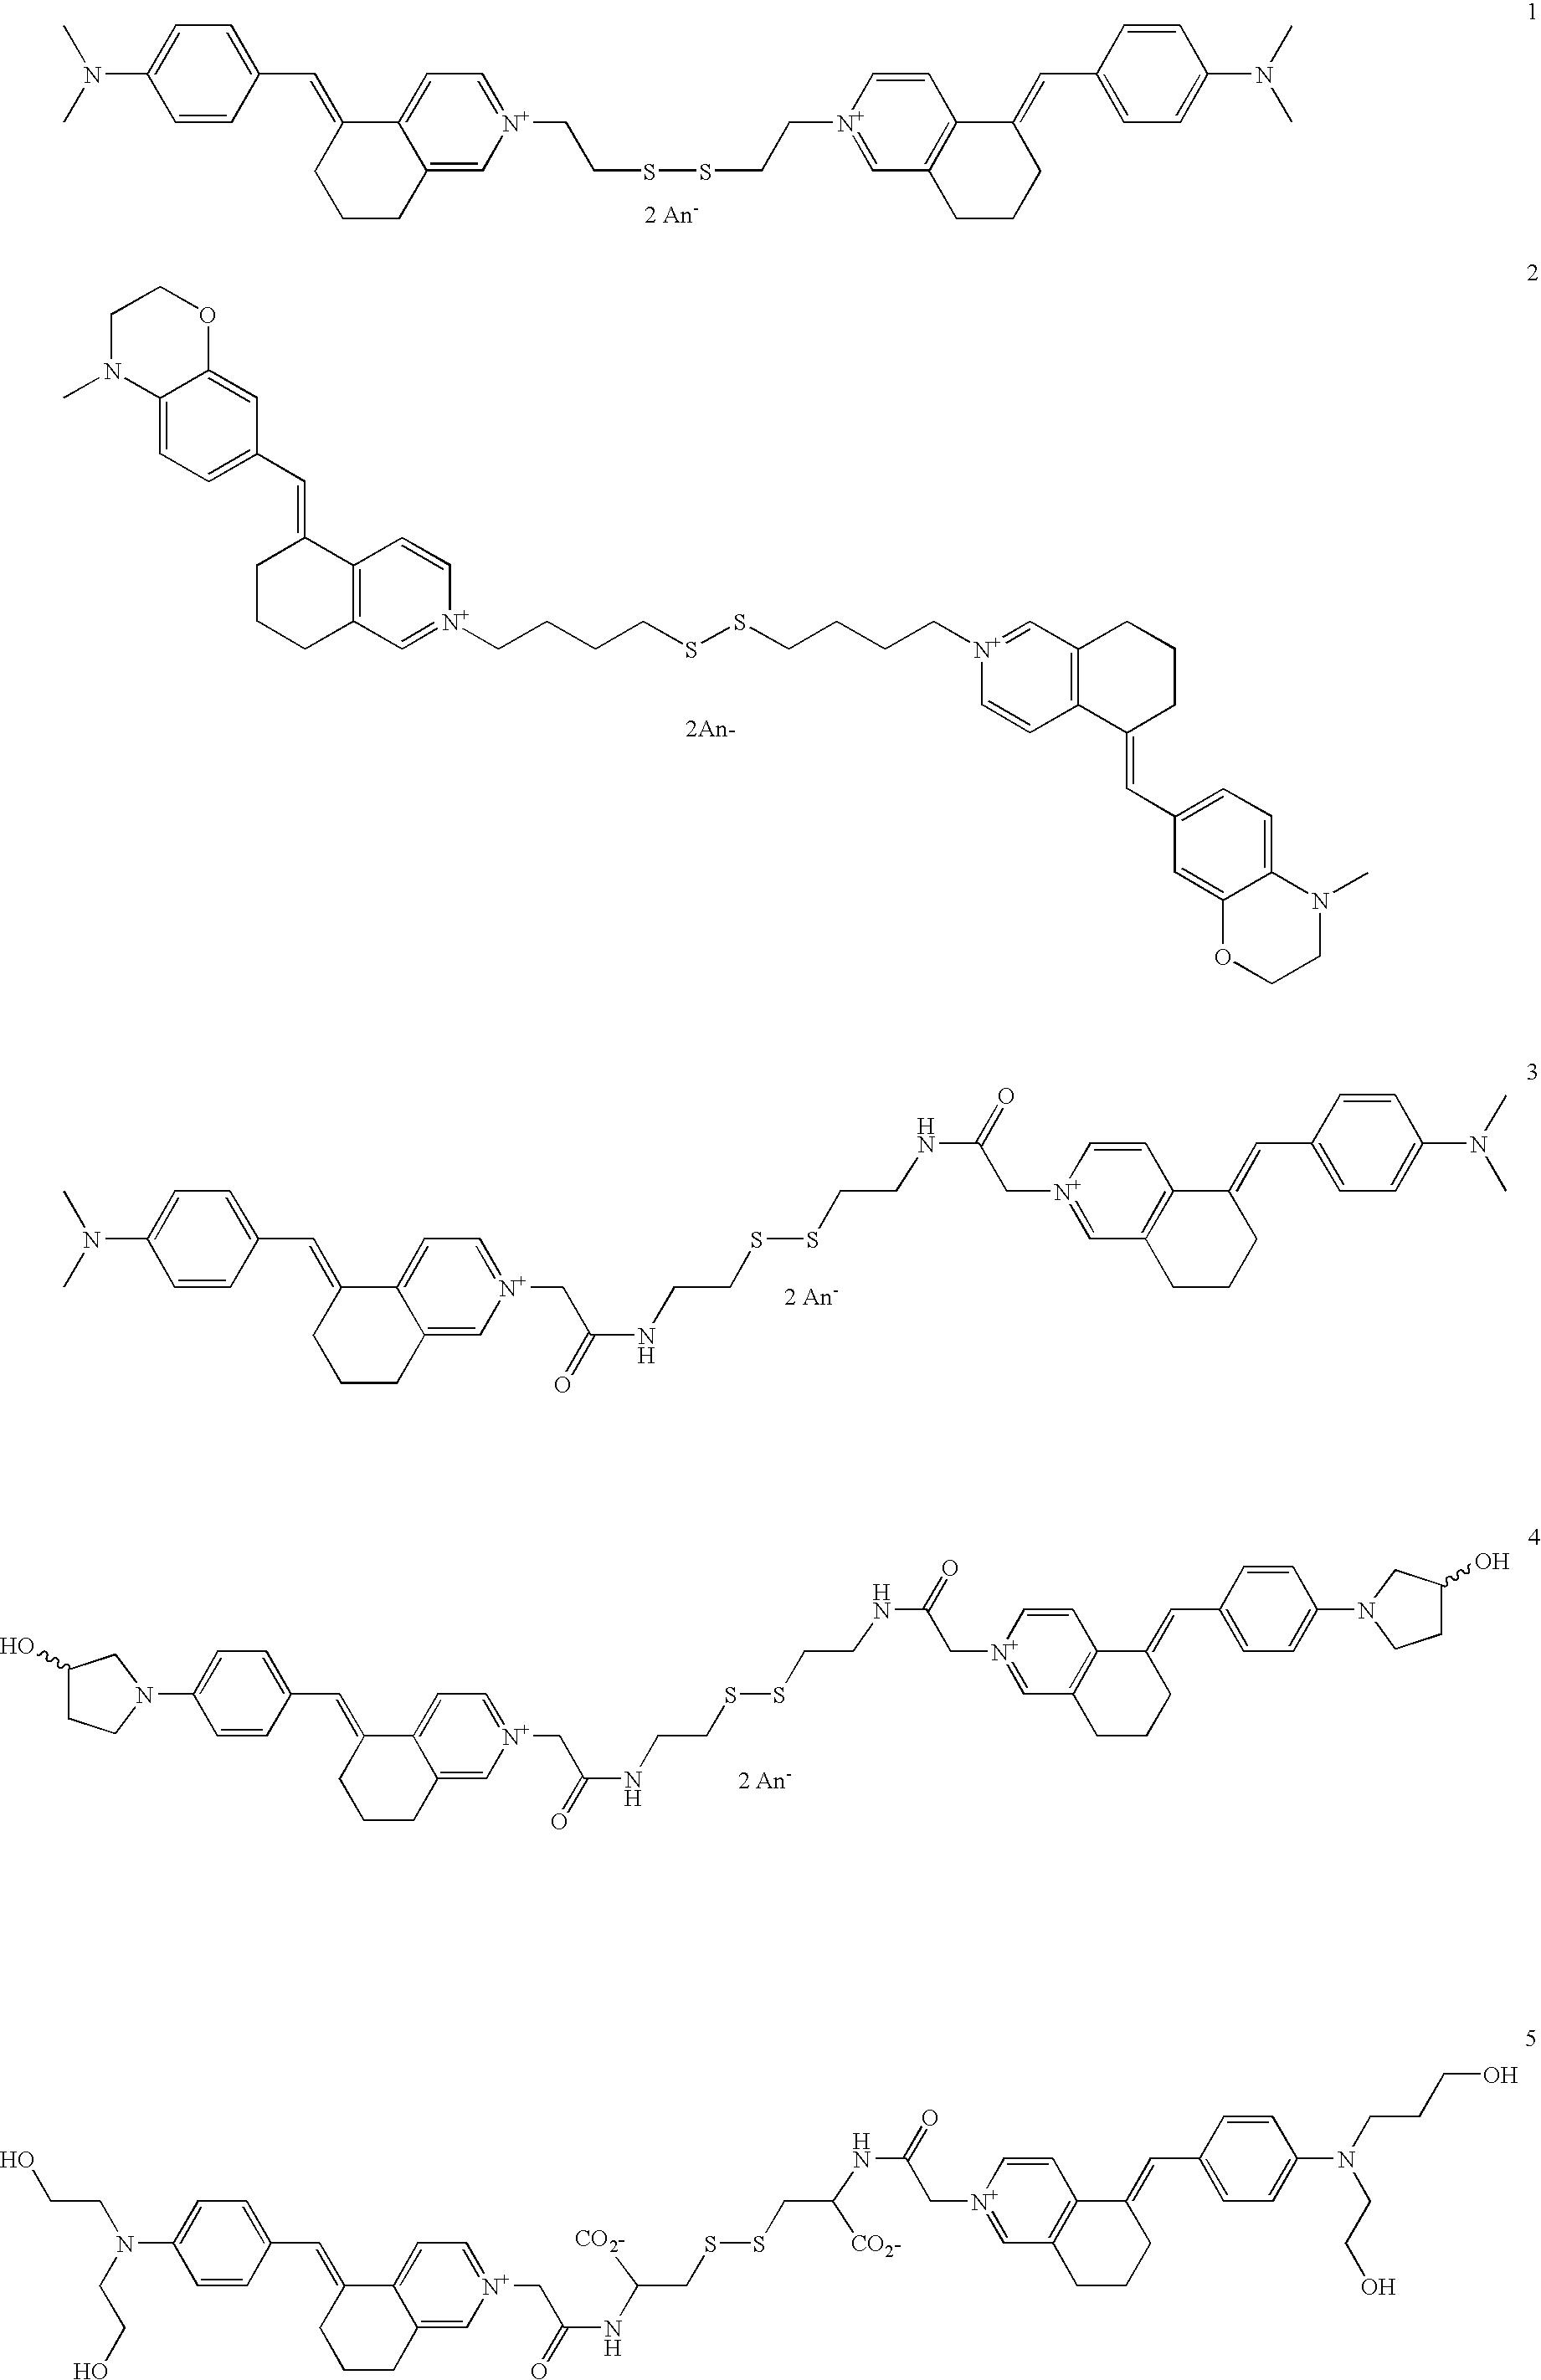 Figure US20090126125A1-20090521-C00039